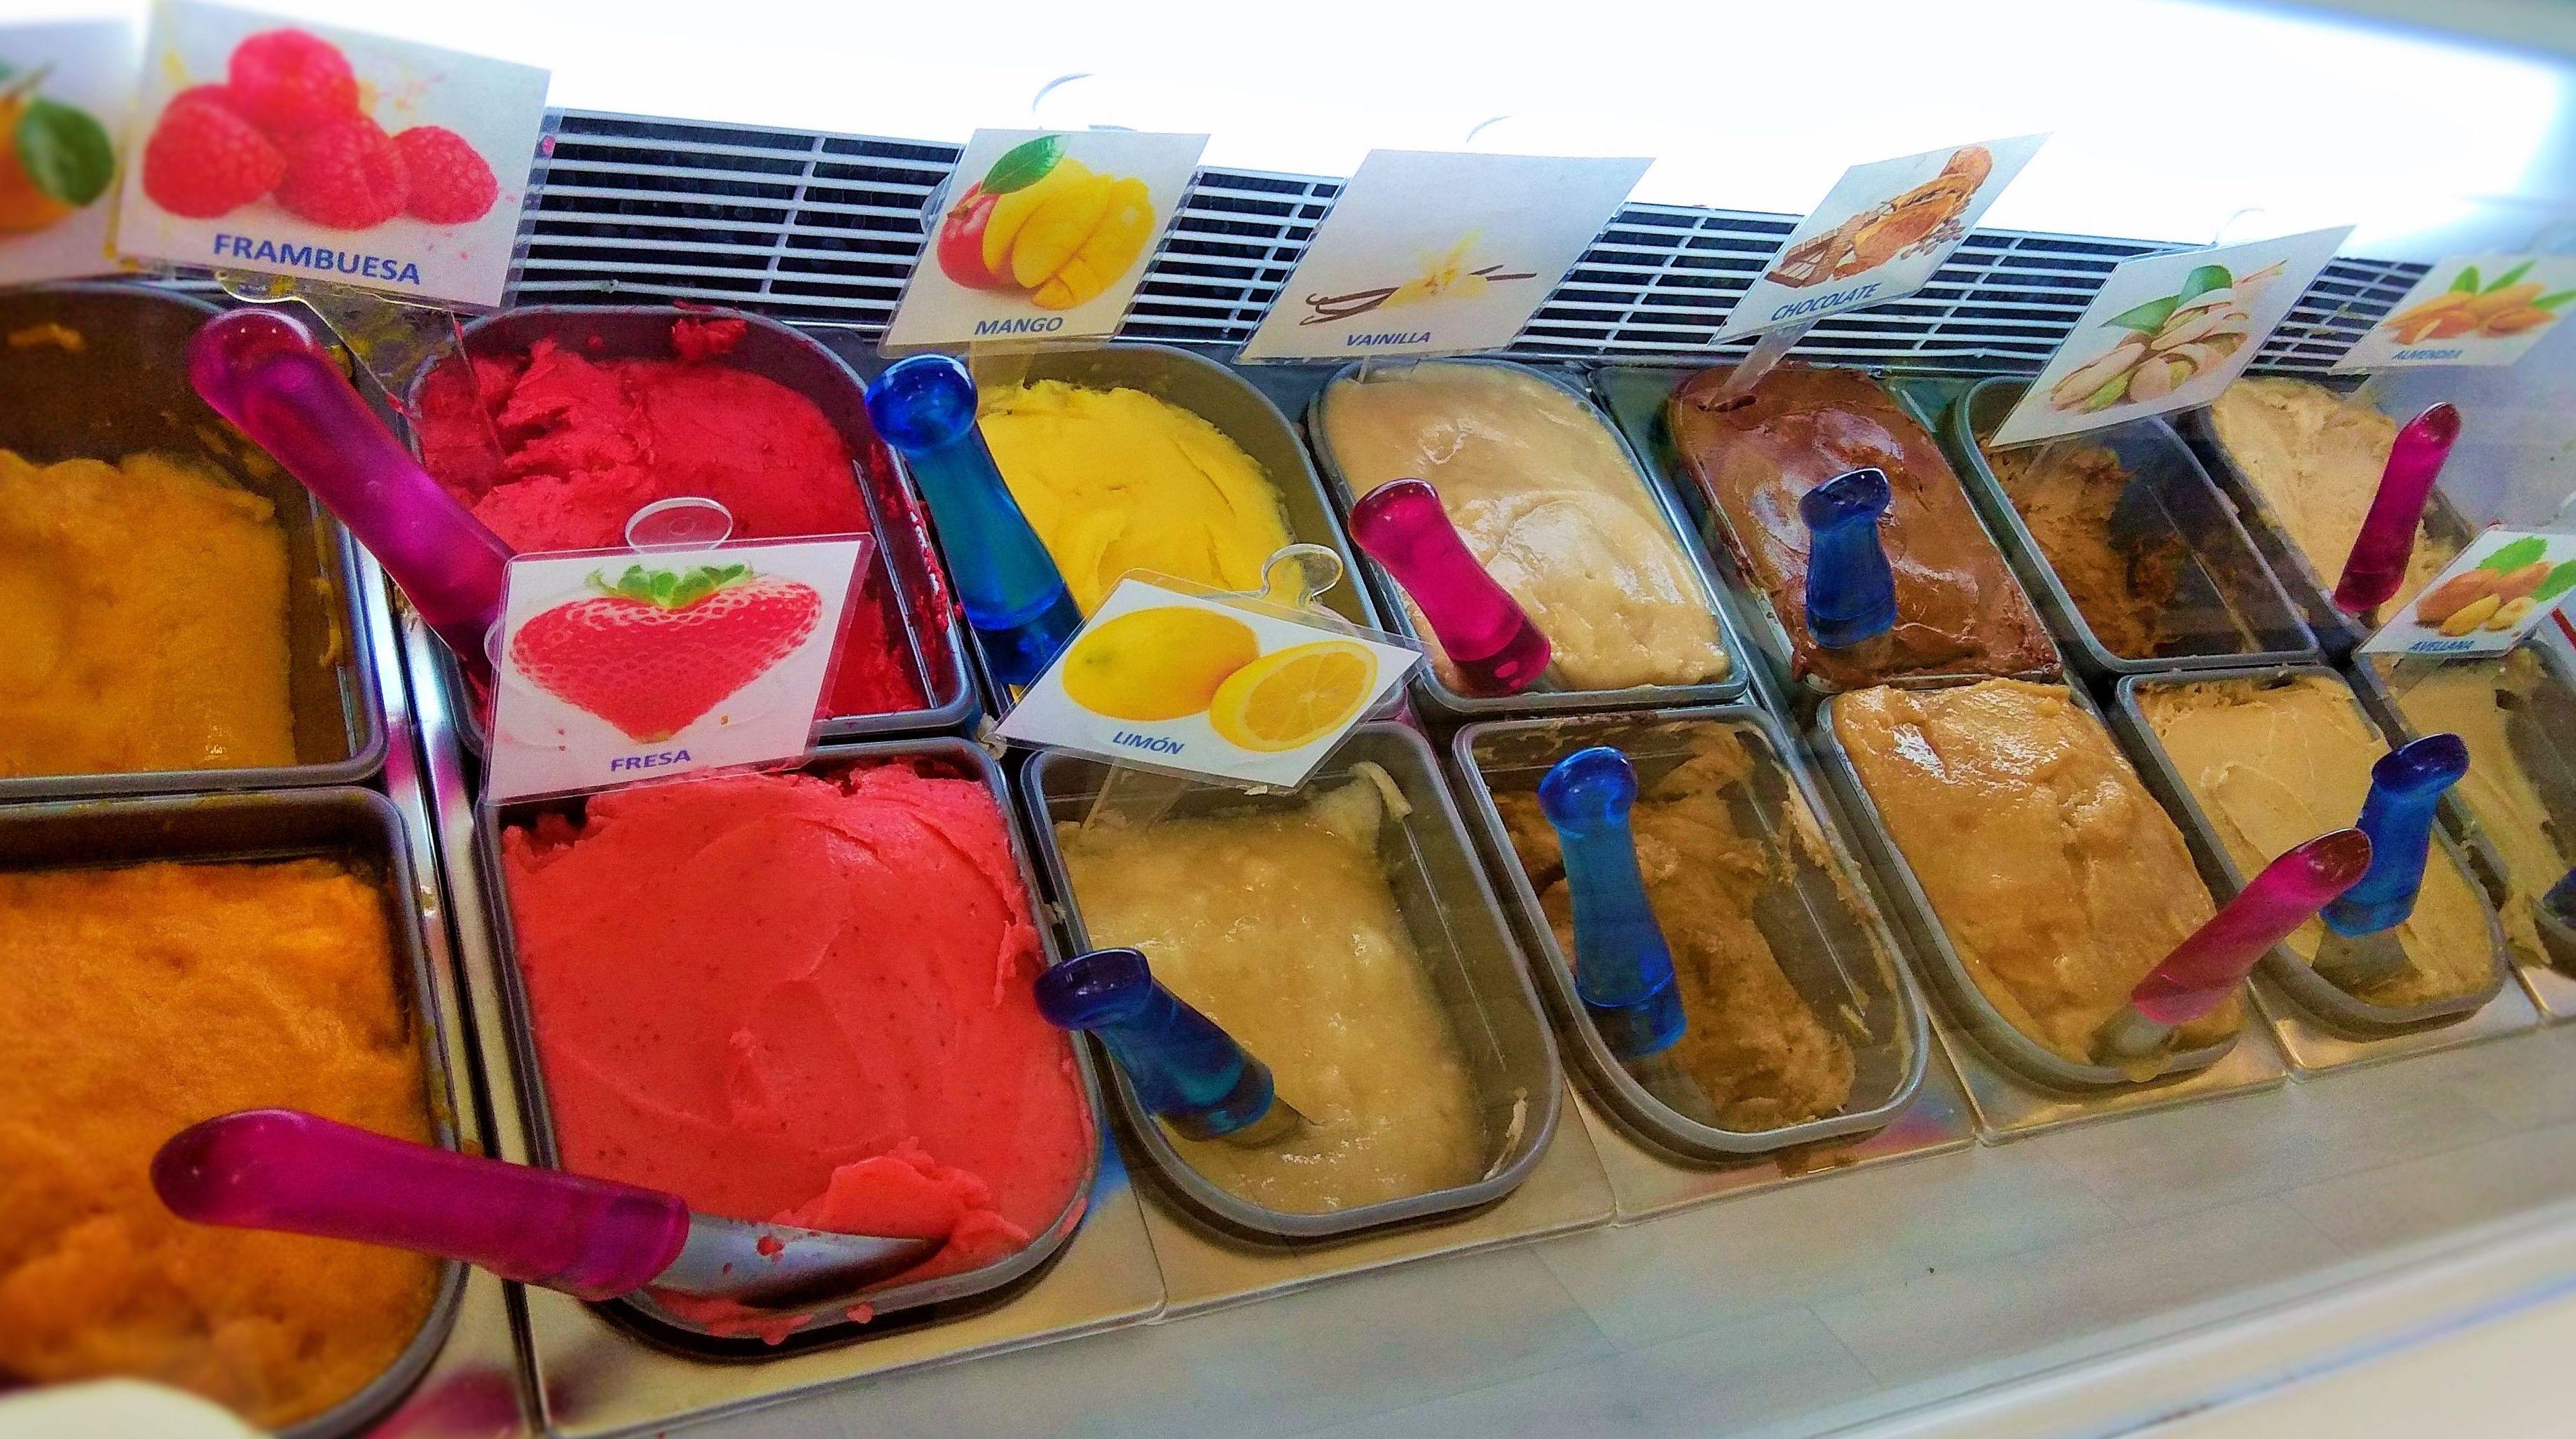 Venta helados ecológicos